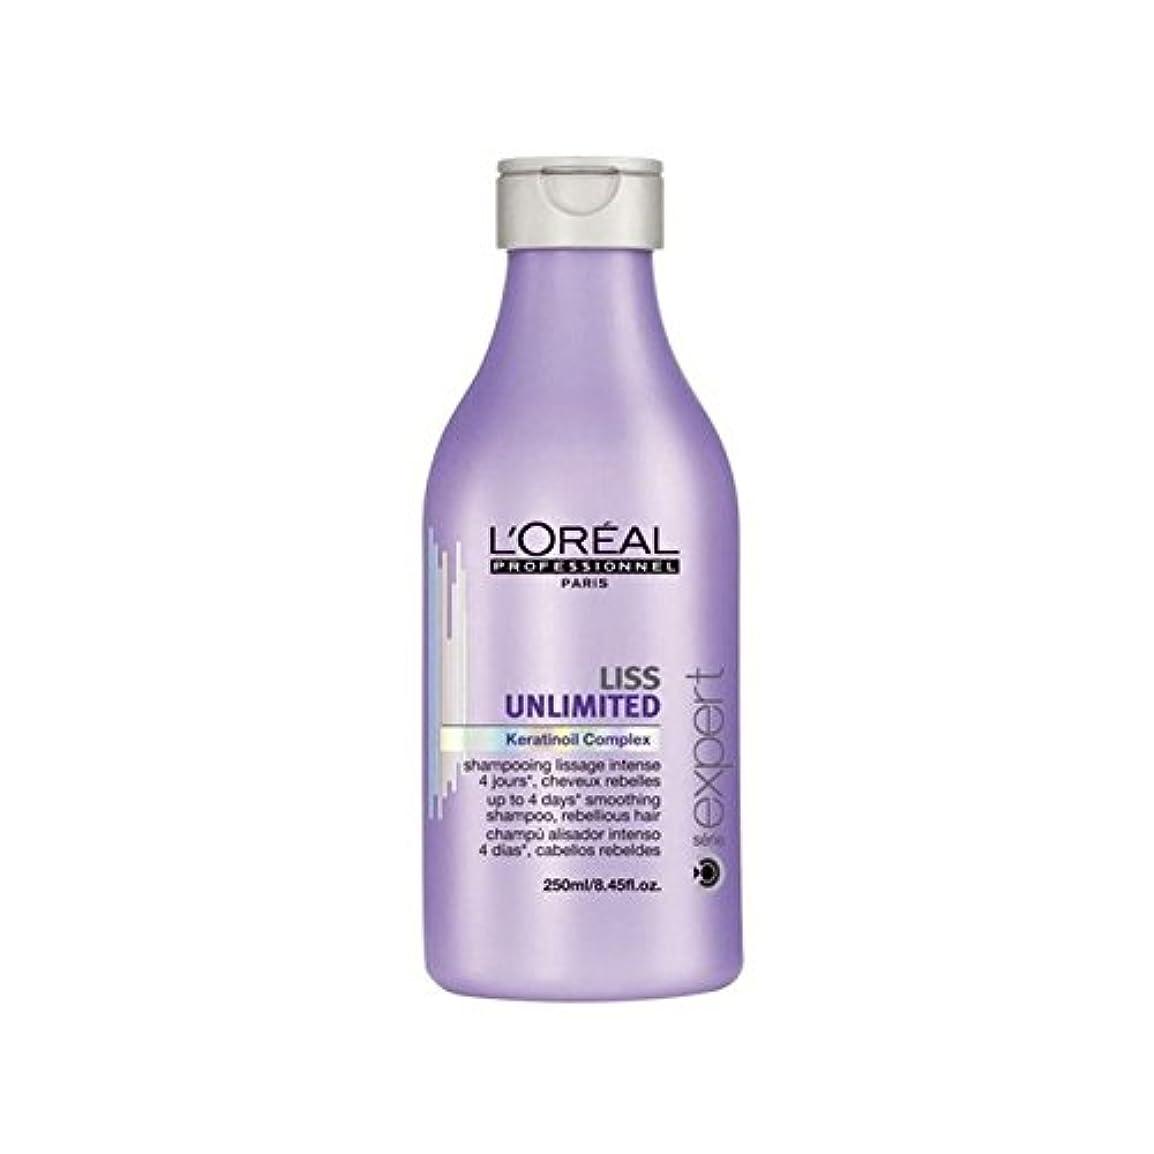 立方体かわいらしい数学L'Oreal Professionnel Serie Expert Liss Unlimited Shampoo (250ml) (Pack of 6) - ロレアルプロフェッショナルセリエ専門家無制限のシャンプー(250ミリリットル) x6 [並行輸入品]